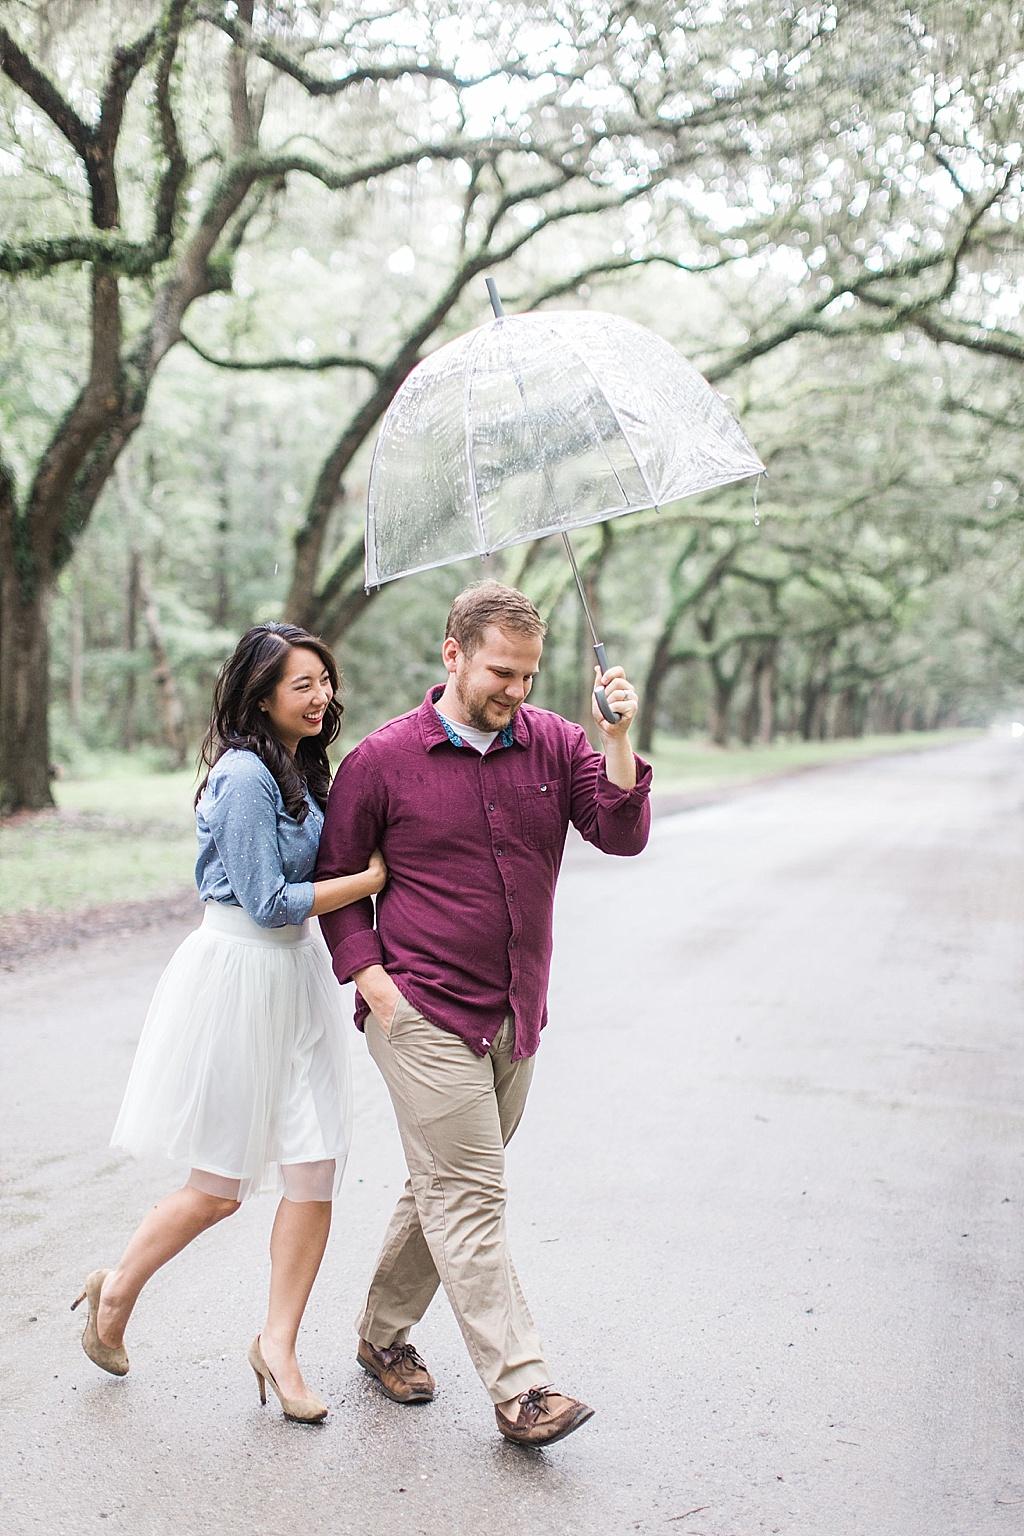 Ronnie_Steve_Savannah_Photographer_Rainy_Day_Photos_Clear_Umbrella004.JPG